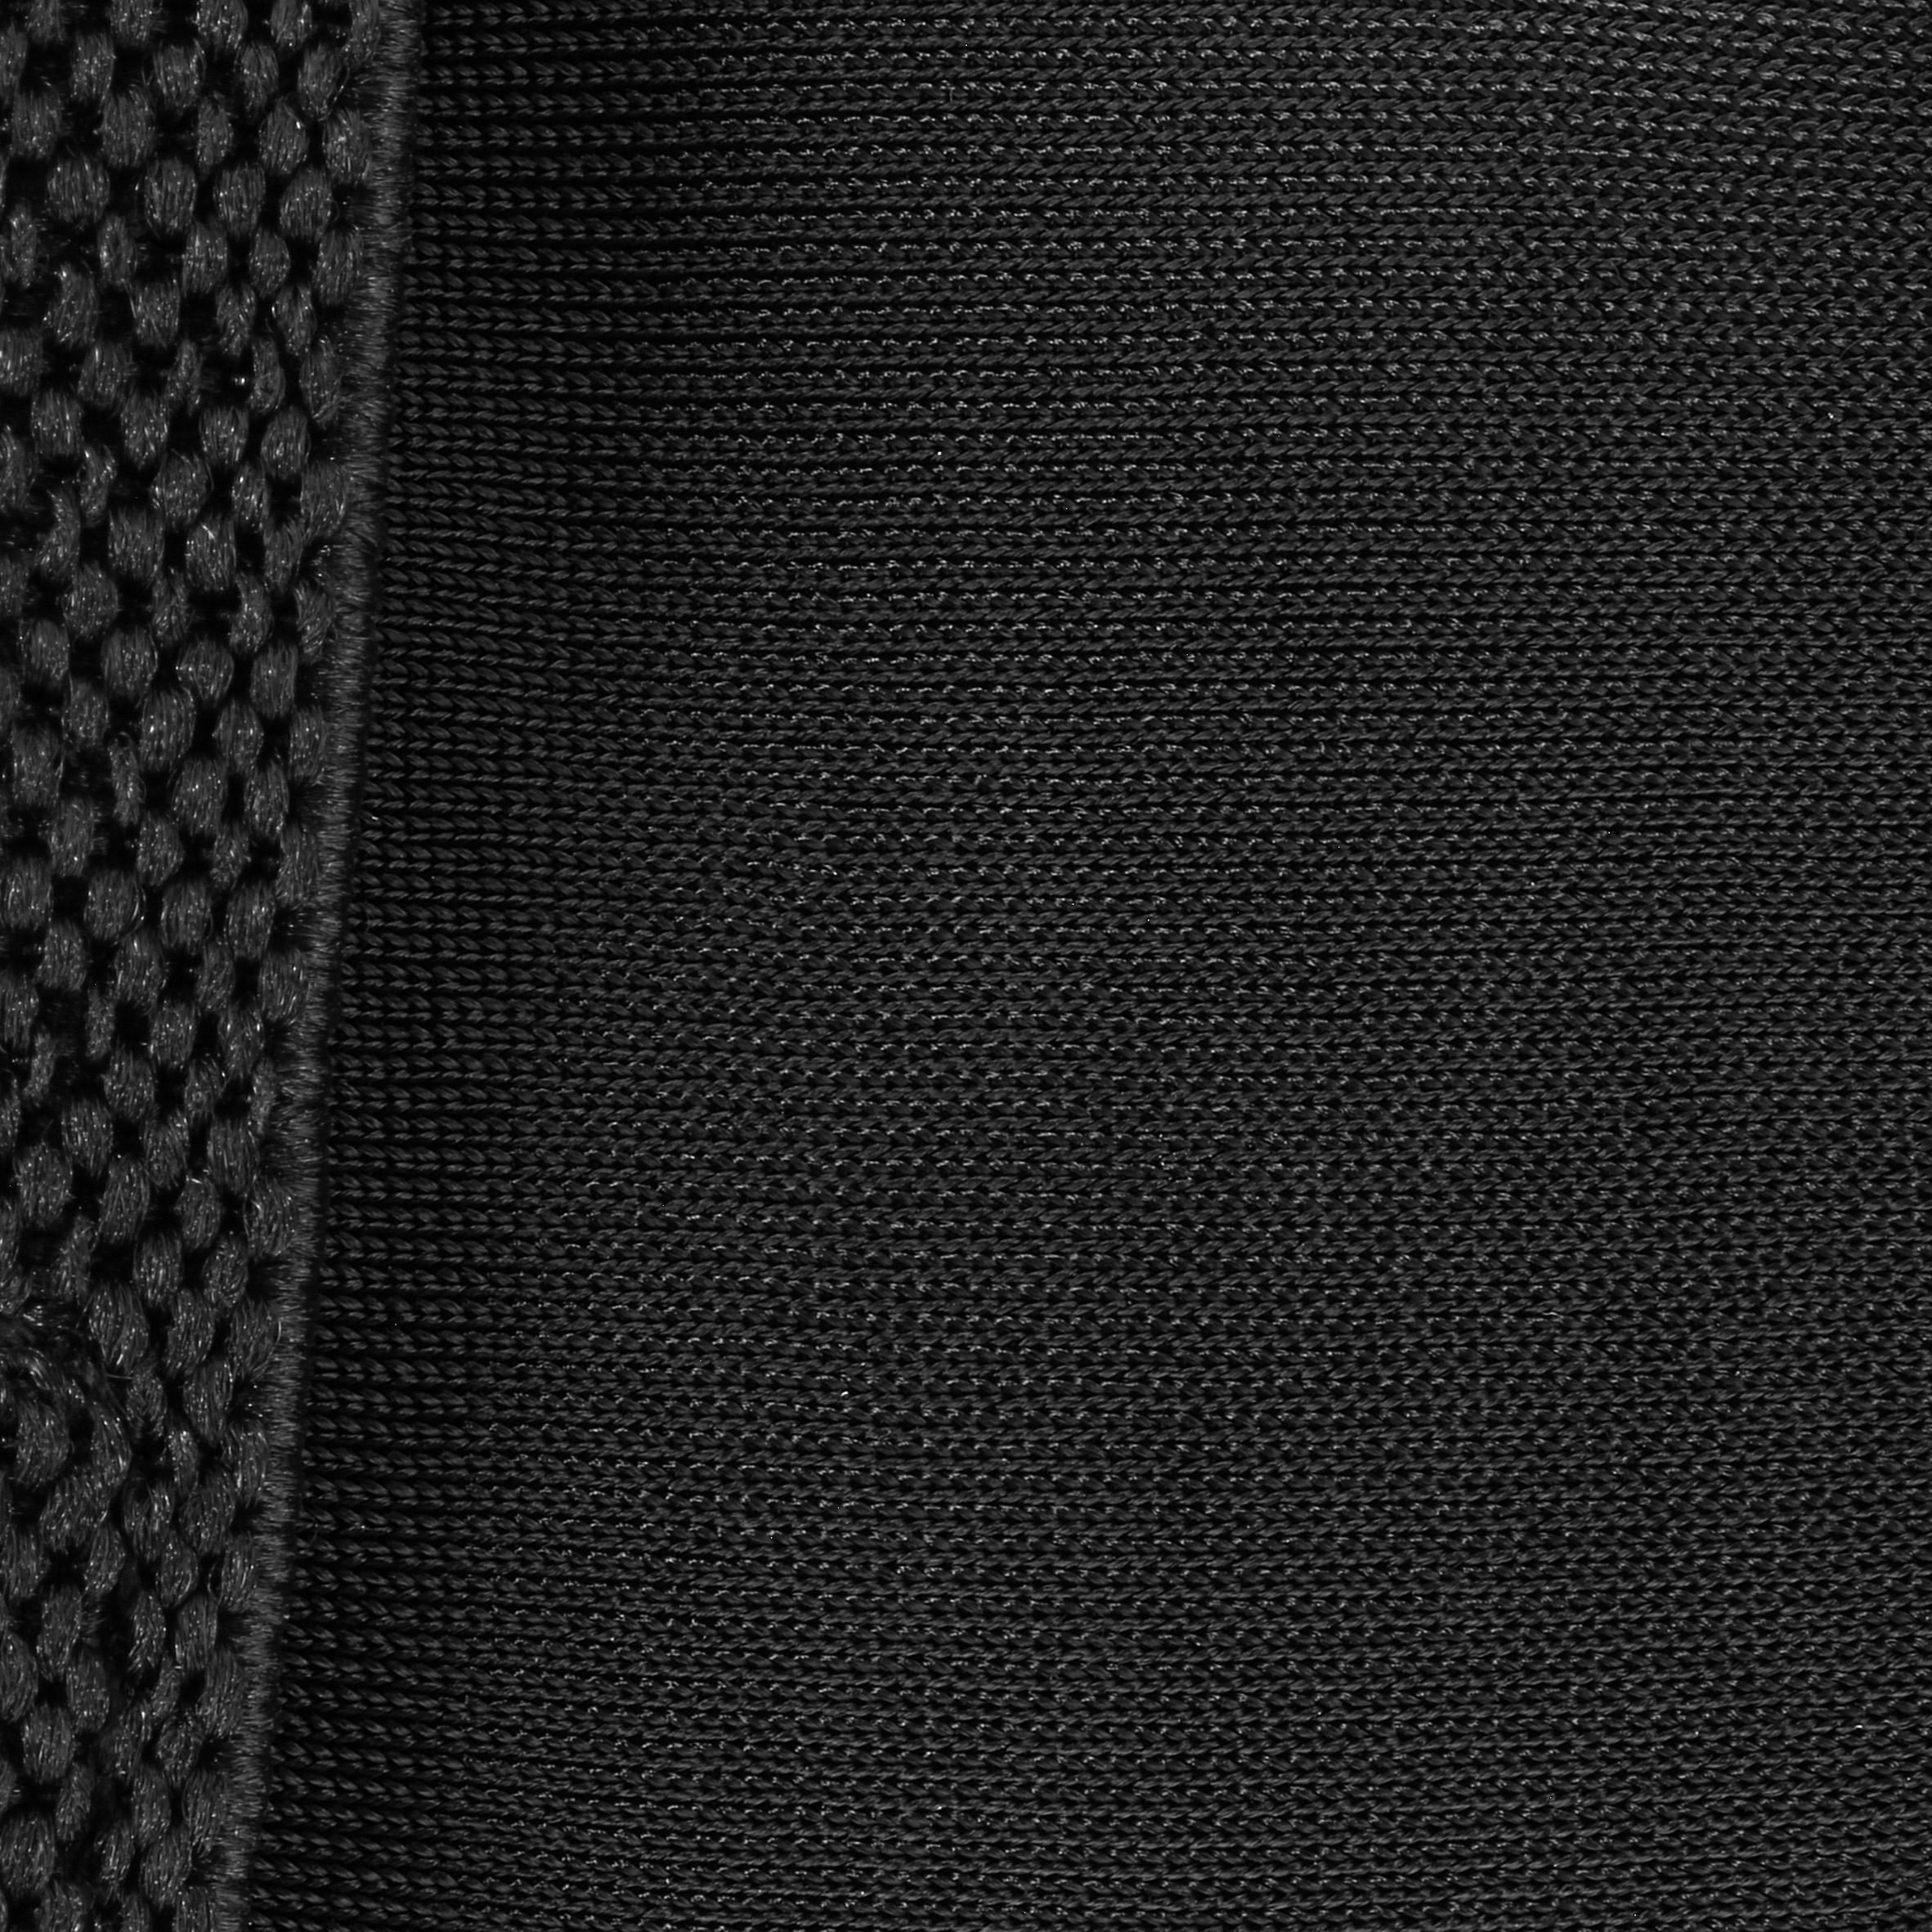 Ens. 3 protections pour patin, planche à roulettes, trottinette enfant PLAY noir